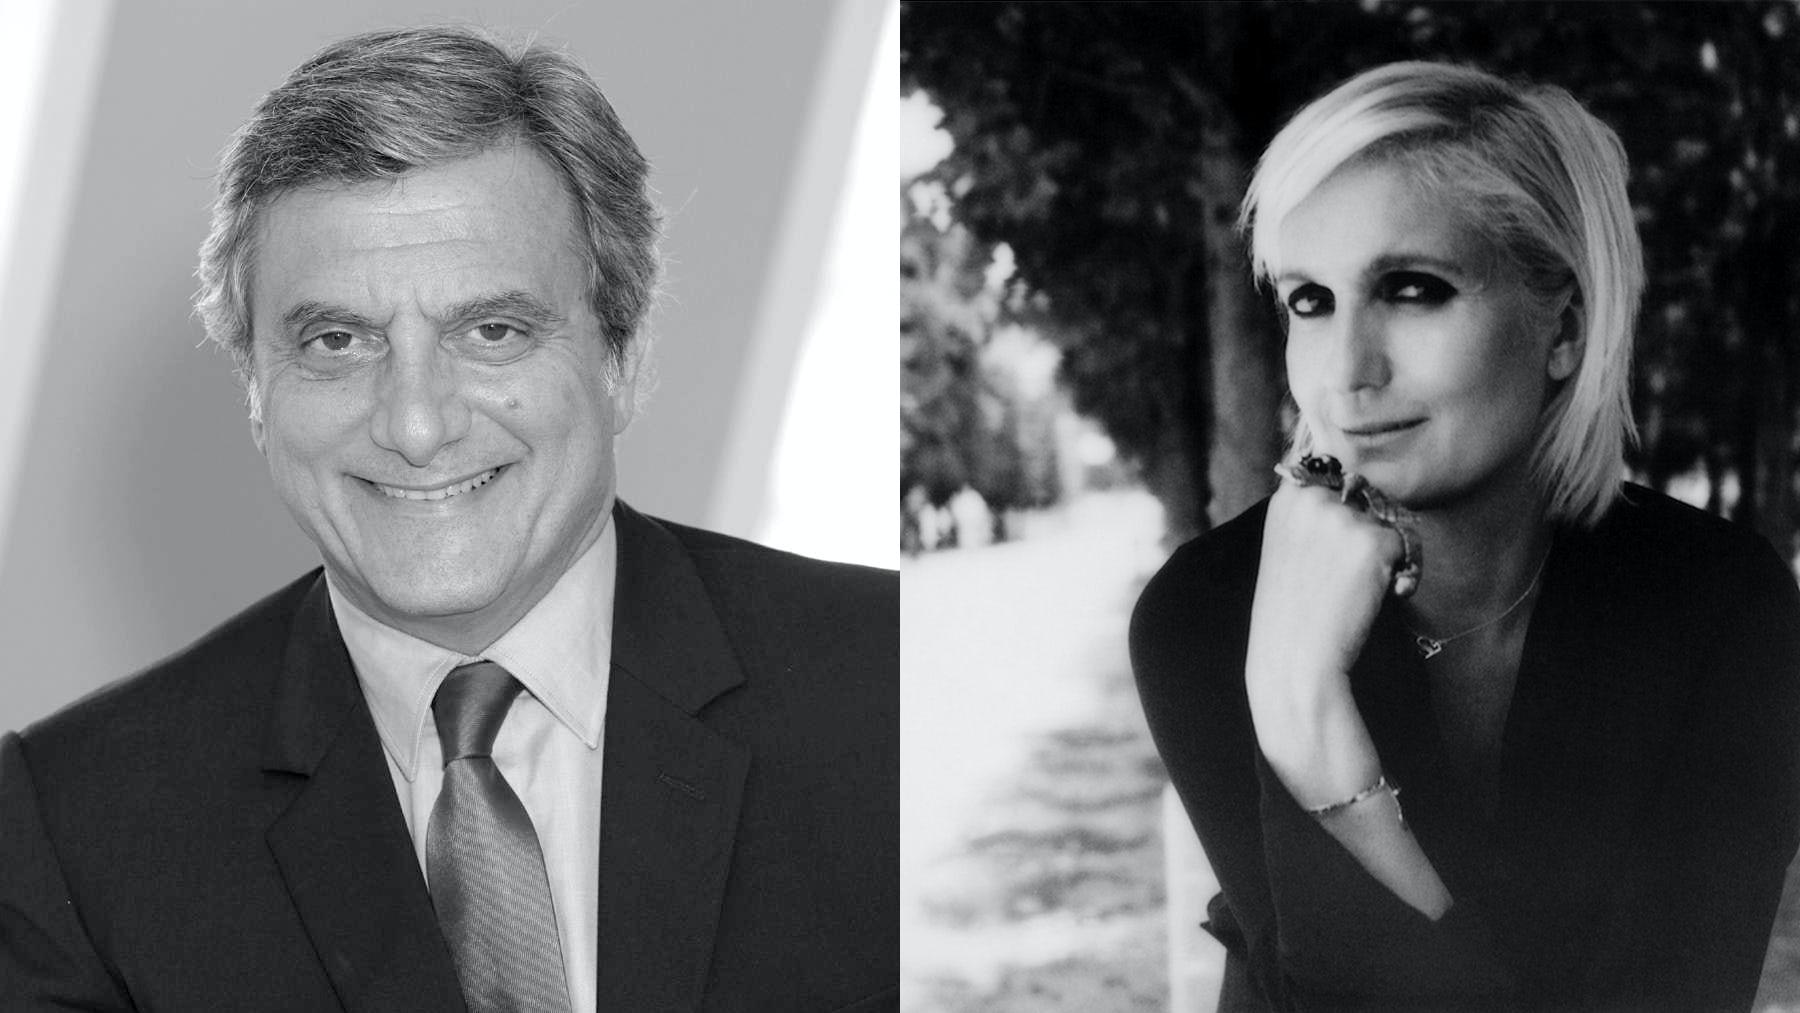 Sidney Toledano and Maria Grazia Chiuri | Source: Courtesy/Photo: Maripol